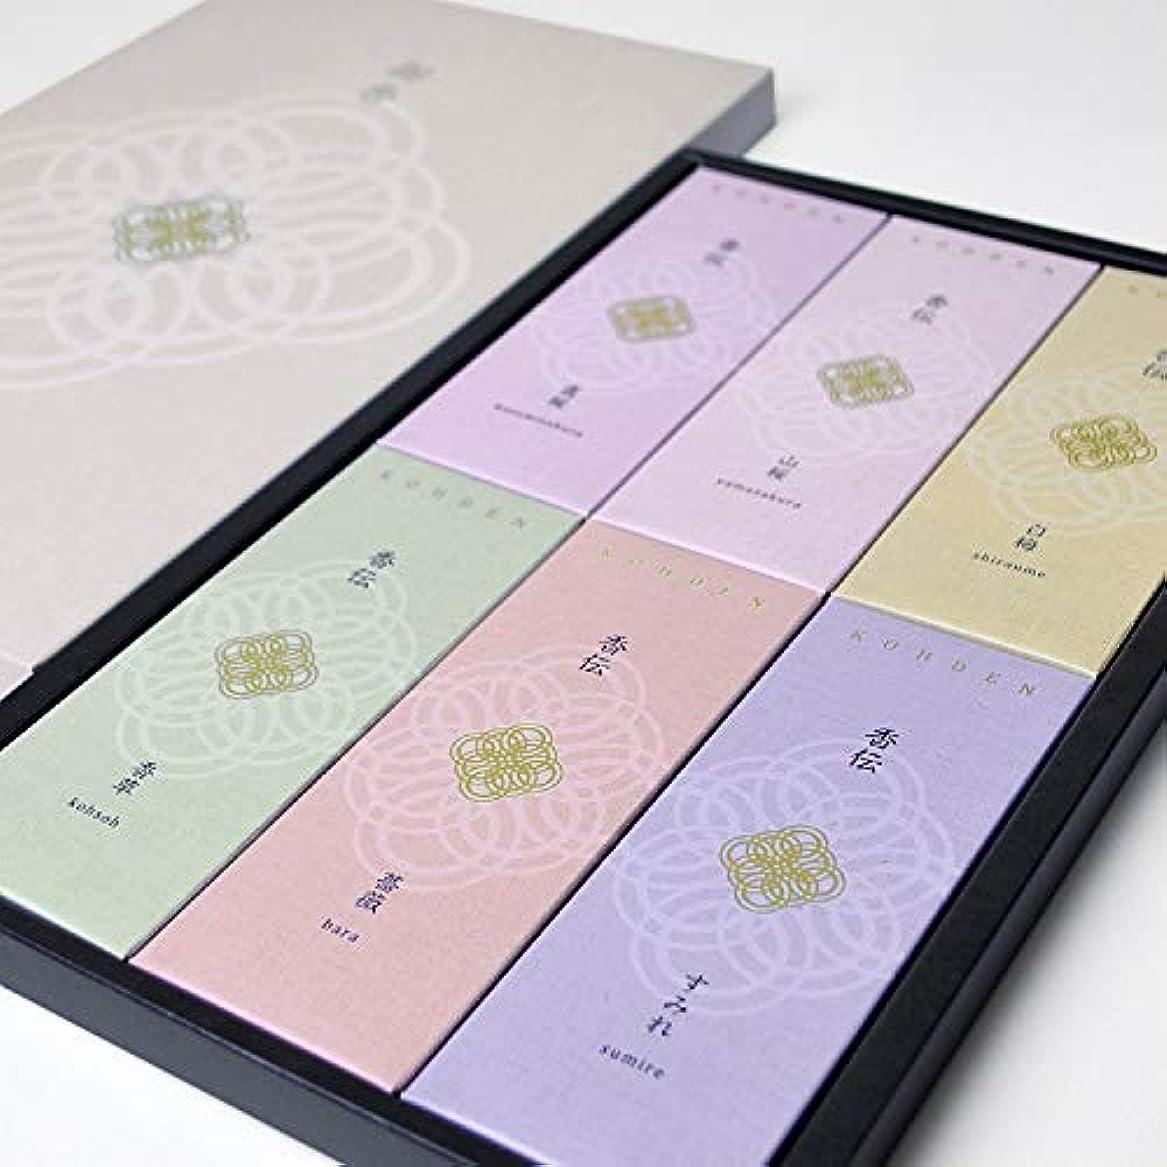 光休戦暗い(ポストに投函できる進物用)日本香堂 香伝 花の香り 線香6種類 1セット